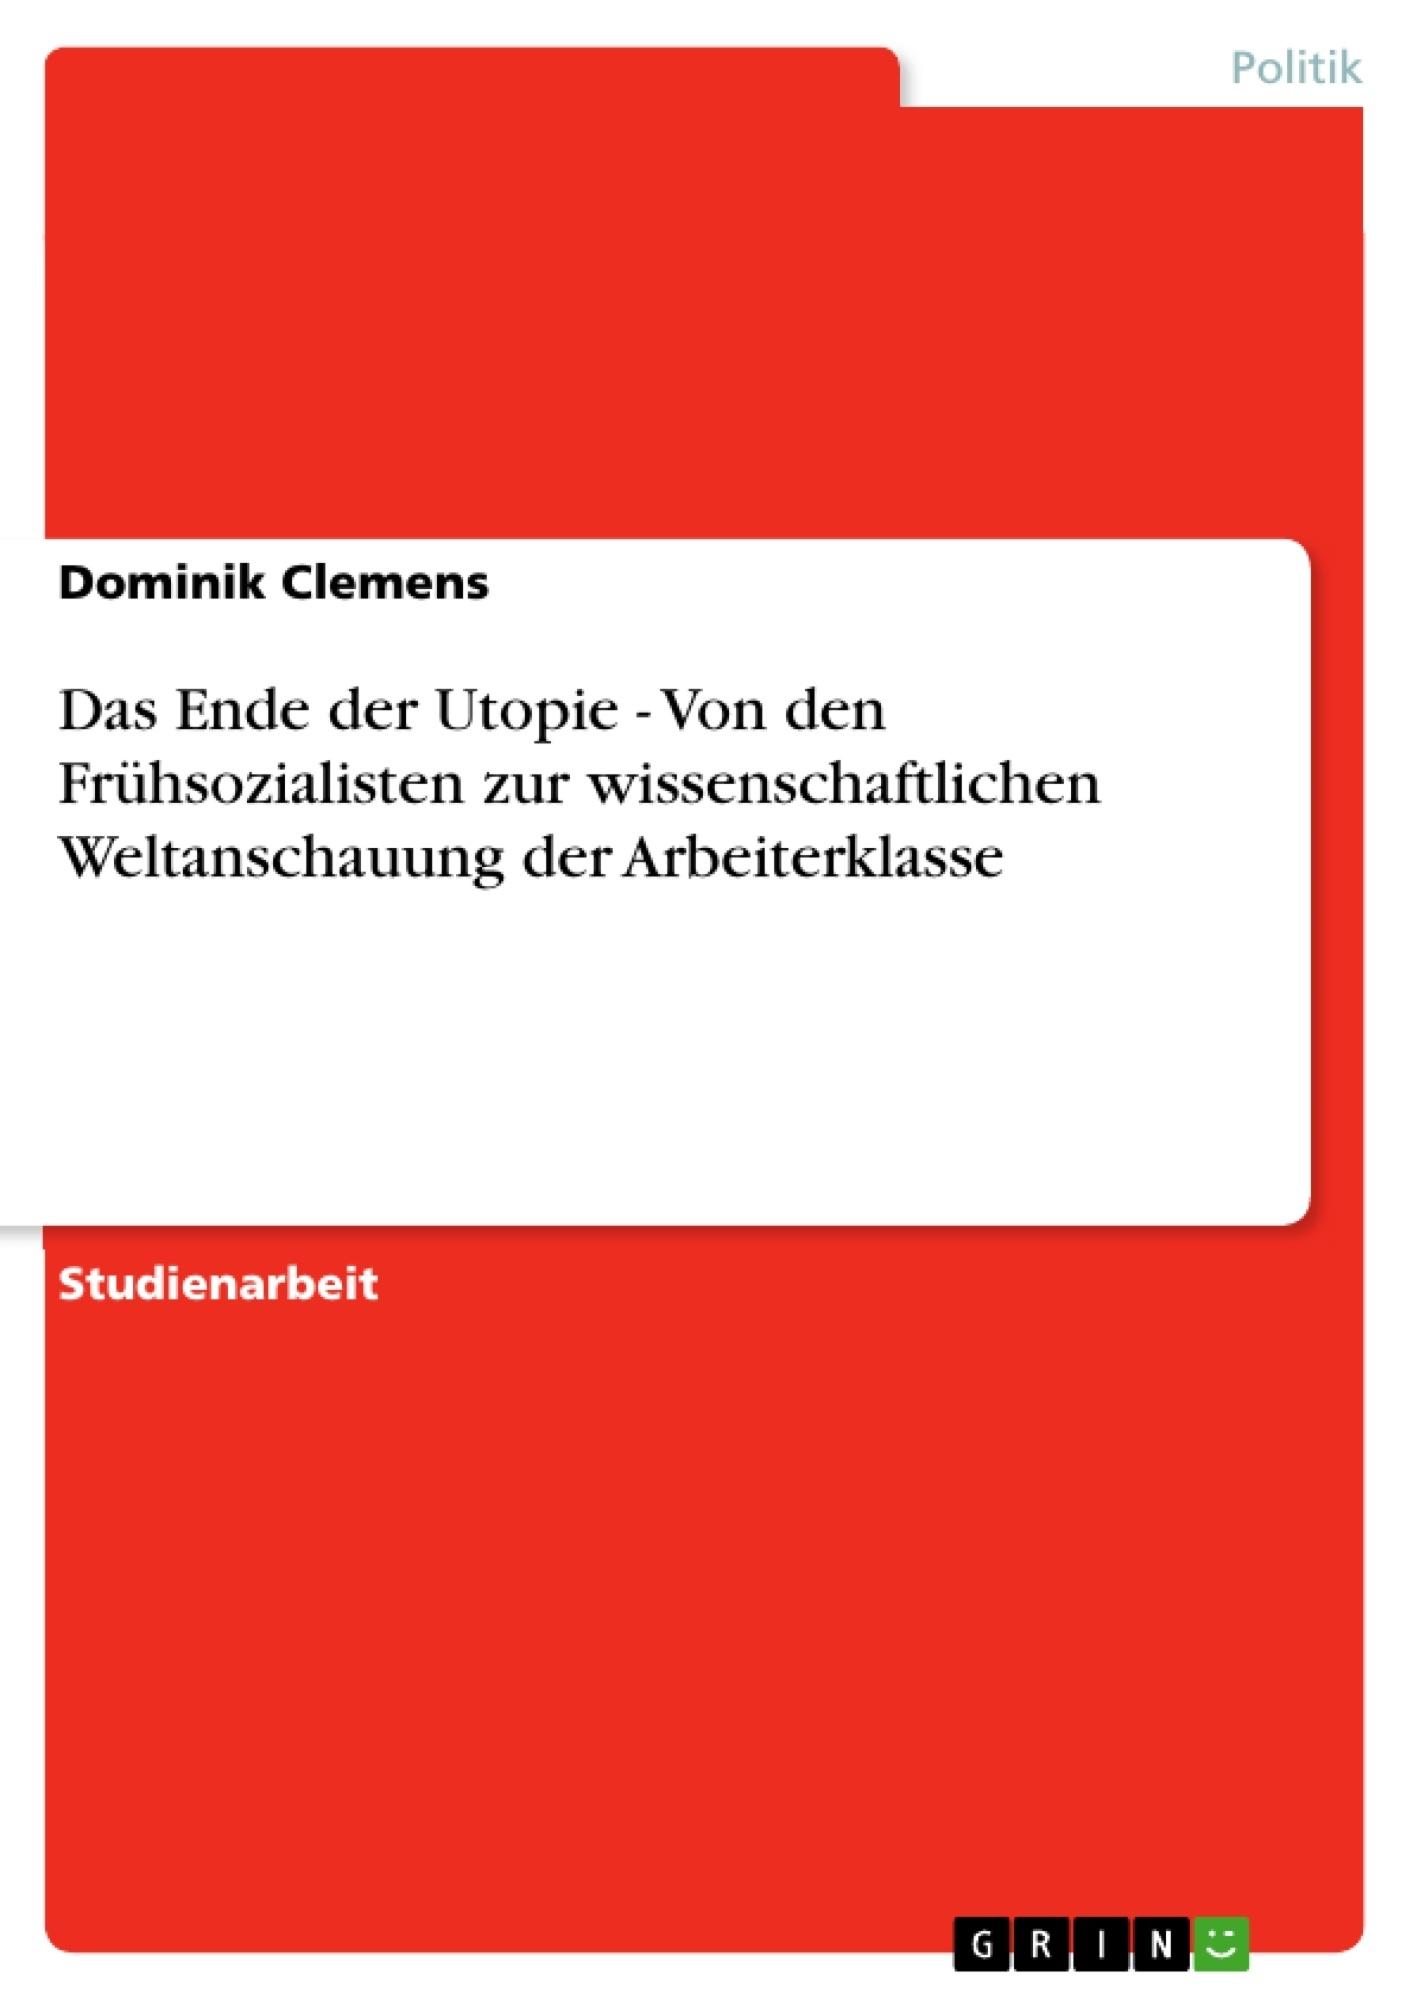 Pdf Migration Und Utopie Im Deutschen Gegenwartskino 5